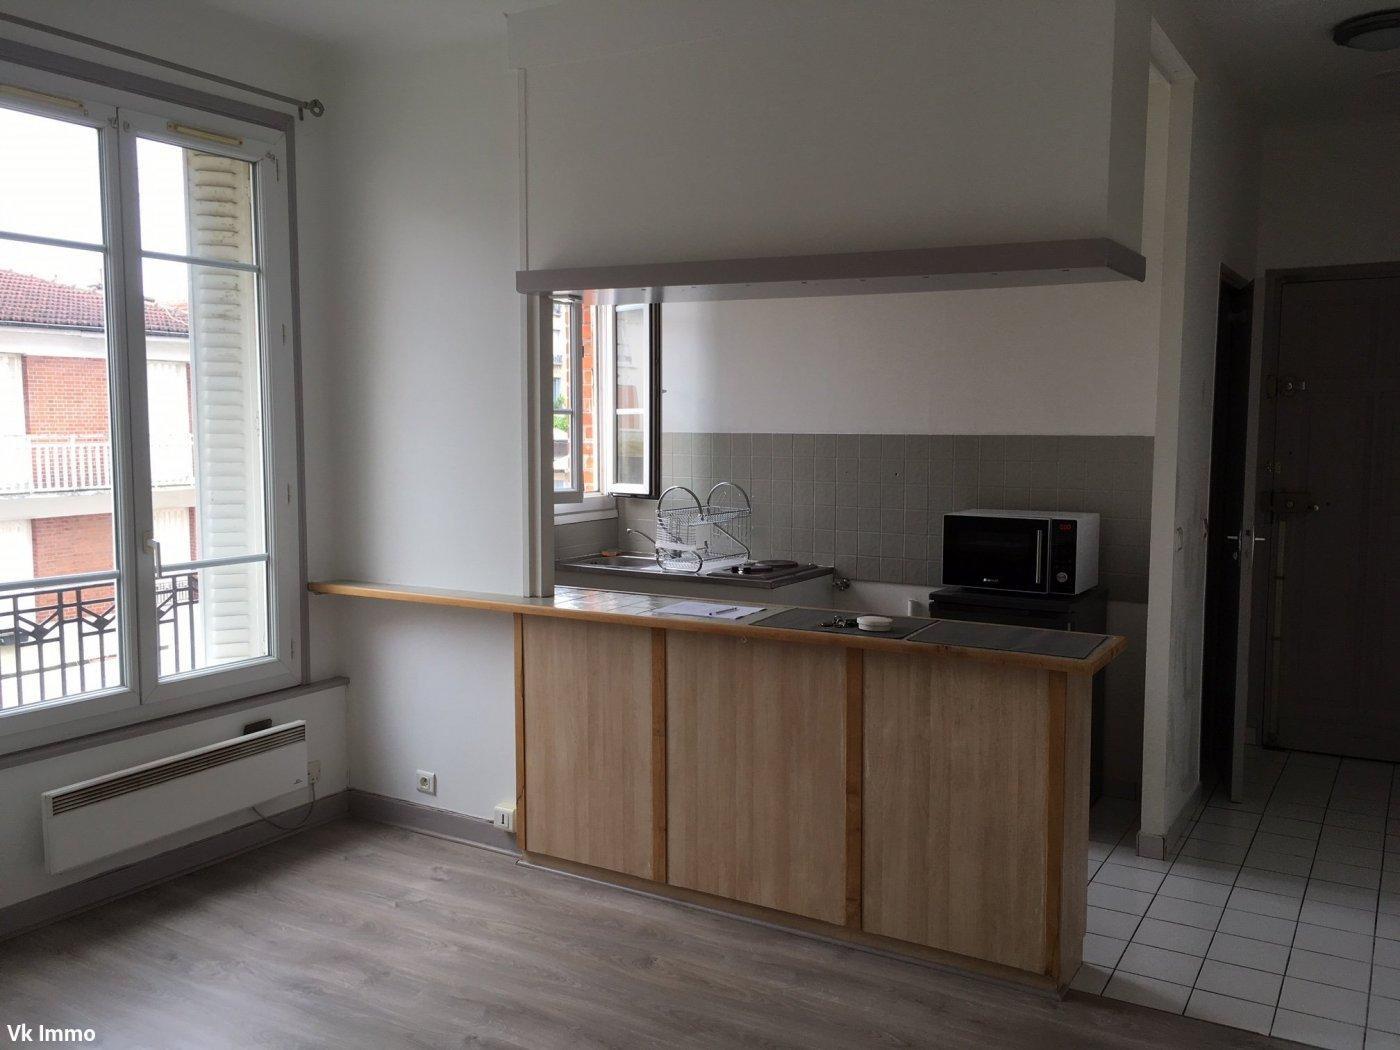 Location Appartement 2 pièces Maisons-alfort 94700